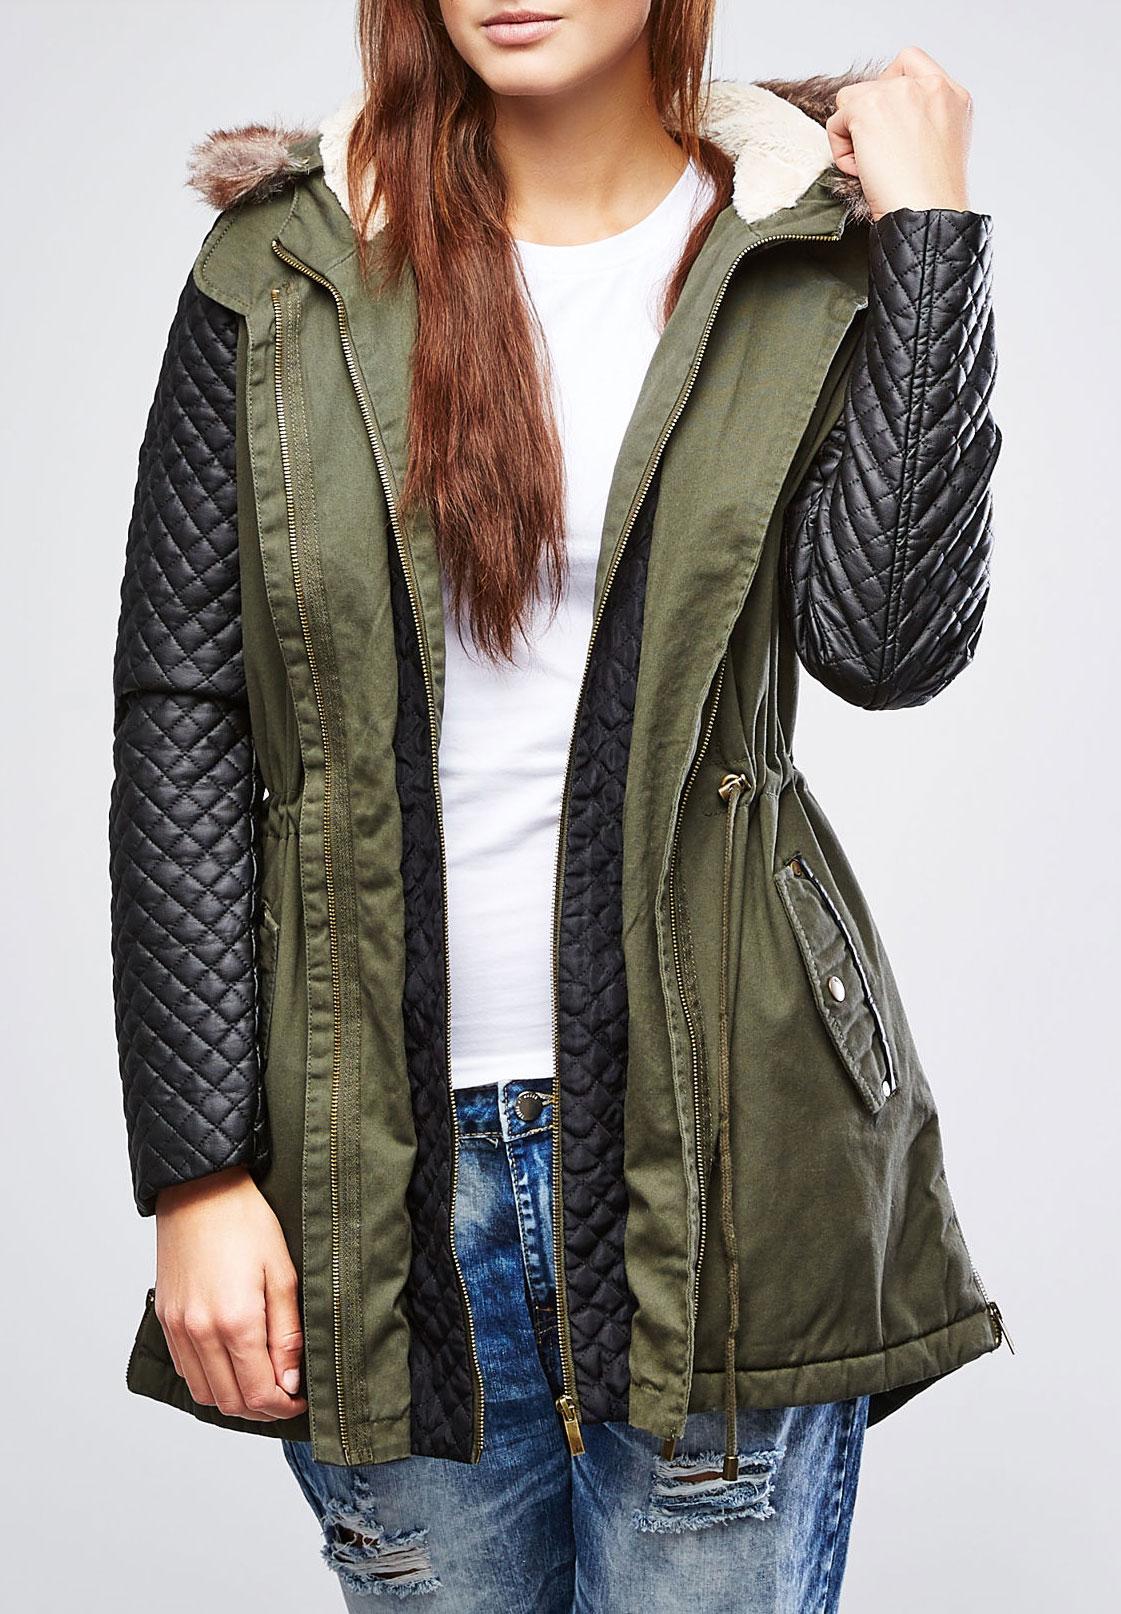 Куртка женская. Z-KU-1802Z-KU-1802 OLIVEСтильная женская куртка Moodo подходит для прохладной погоды. Куртка с несъемным капюшоном на и длинными рукавами застегивается на металлическую застежку- молнию и дополнительно имеет внутреннюю ветрозащитную планку на молнии. Рукава изделия выполнены из искусственной кожи. Капюшон дополнен съемной оторочкой из искусственного меха. Внутренняя часть капюшона отделана флисом. Спереди модель дополнена двумя втачными карманами на молнии и двумя втачными карманами на метталлических кнопках. Подкладка изделия оформлена стеганой отстрочкой. Куртка с внешней стороны на талии оформлена текстильным шнуром. Эта теплая стильная куртка послужит отличным дополнением к вашему гардеробу!